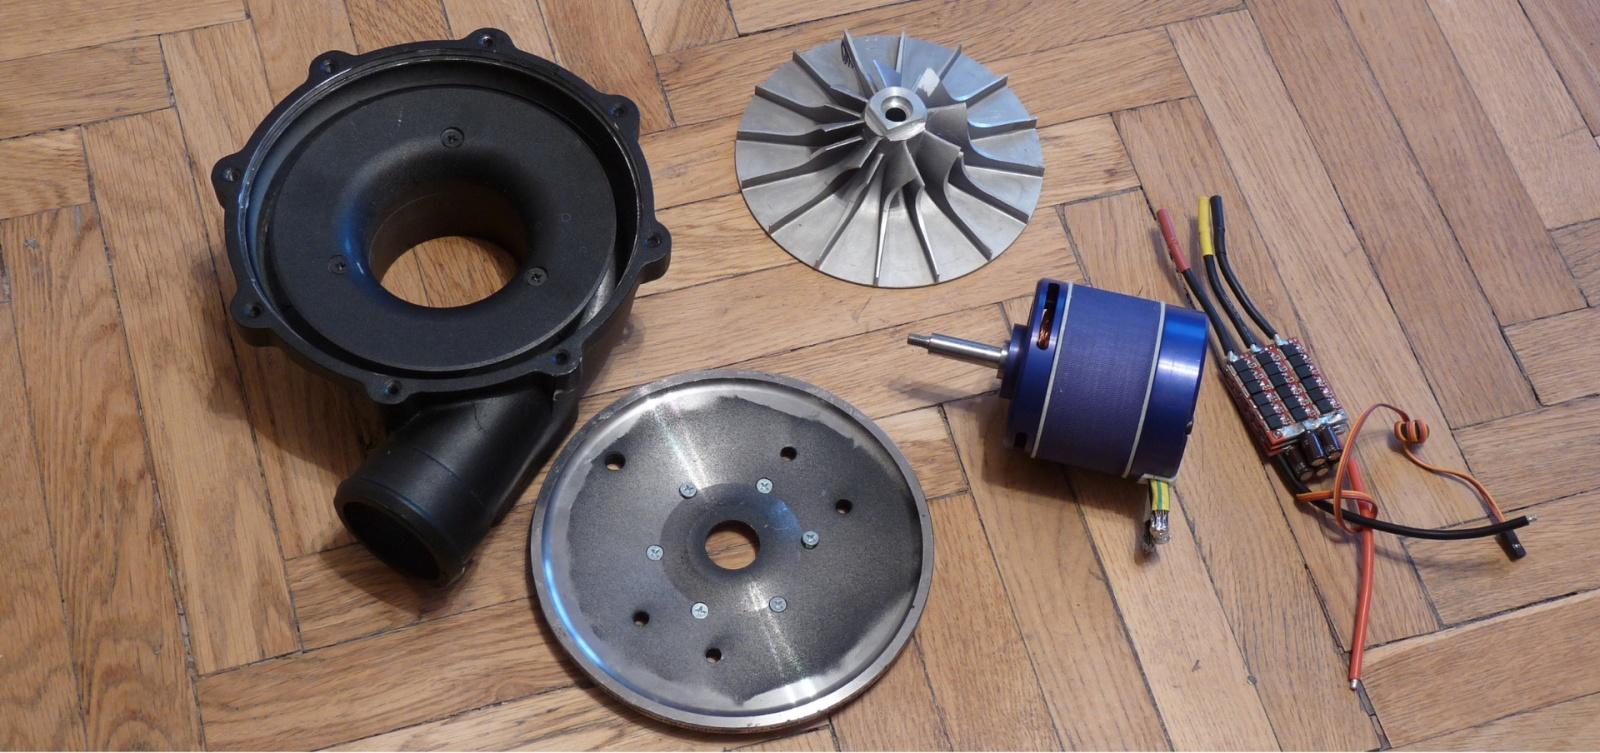 Автомобильная электротурбина - 1